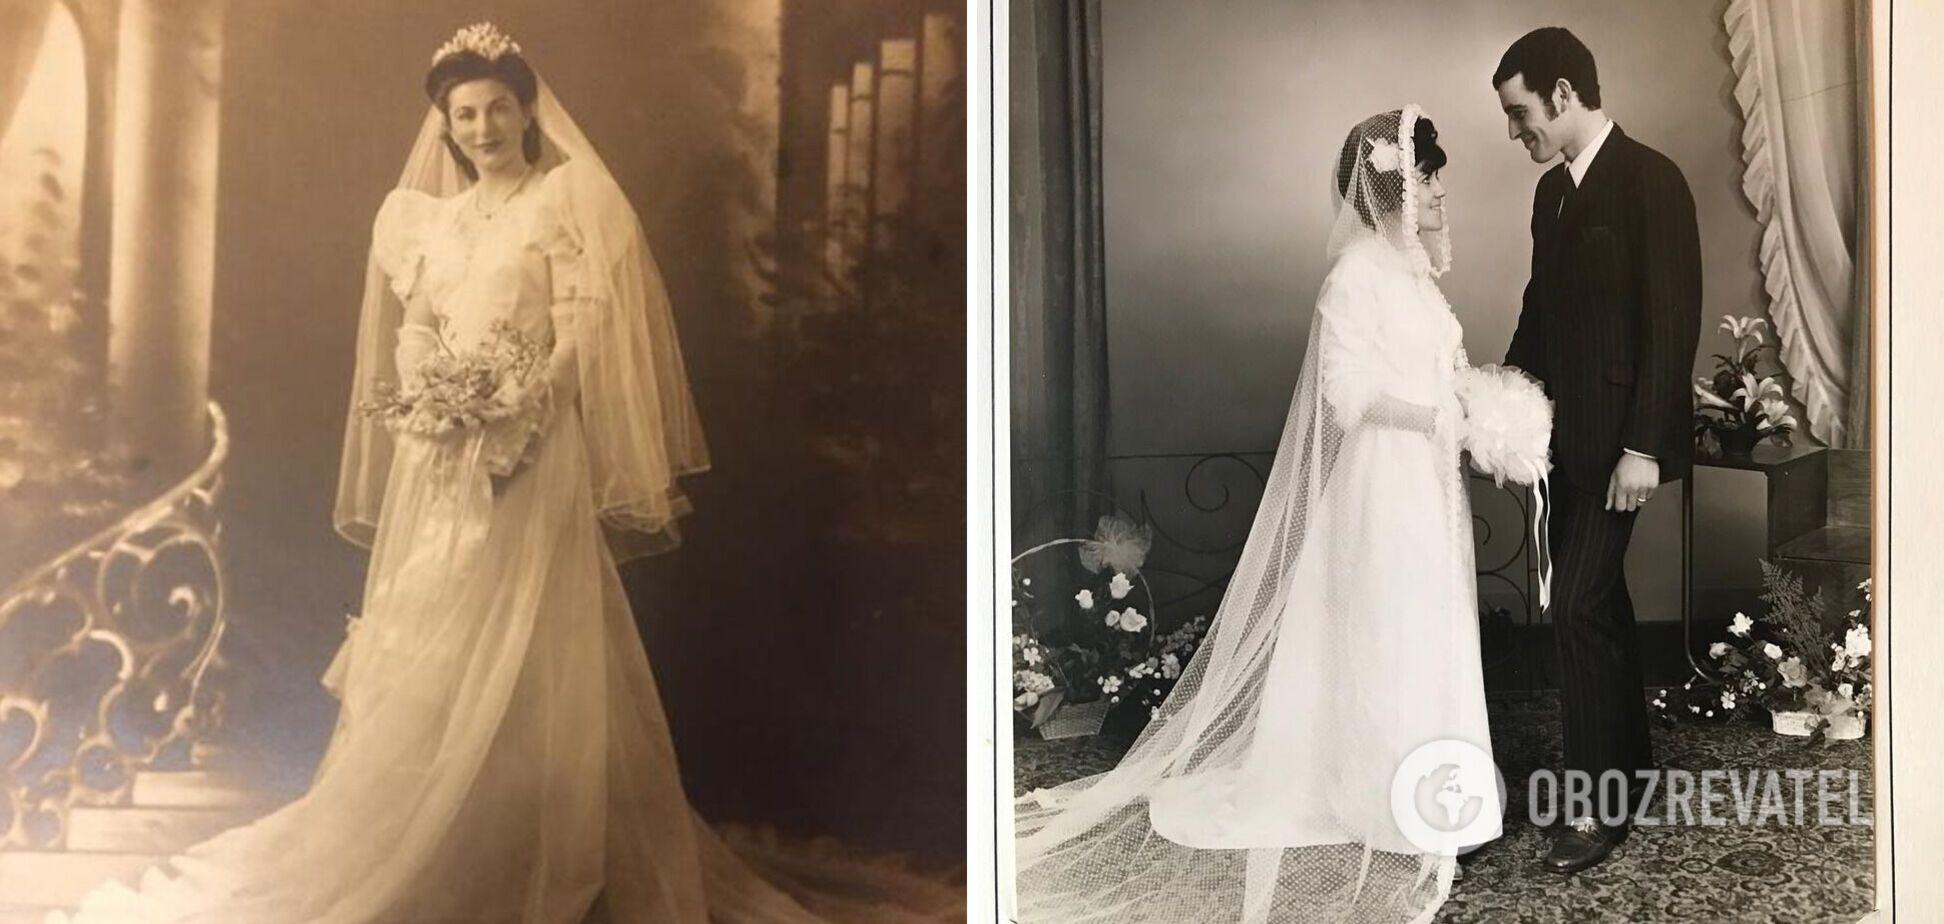 Эксклюзивные платья поражают своей красотой